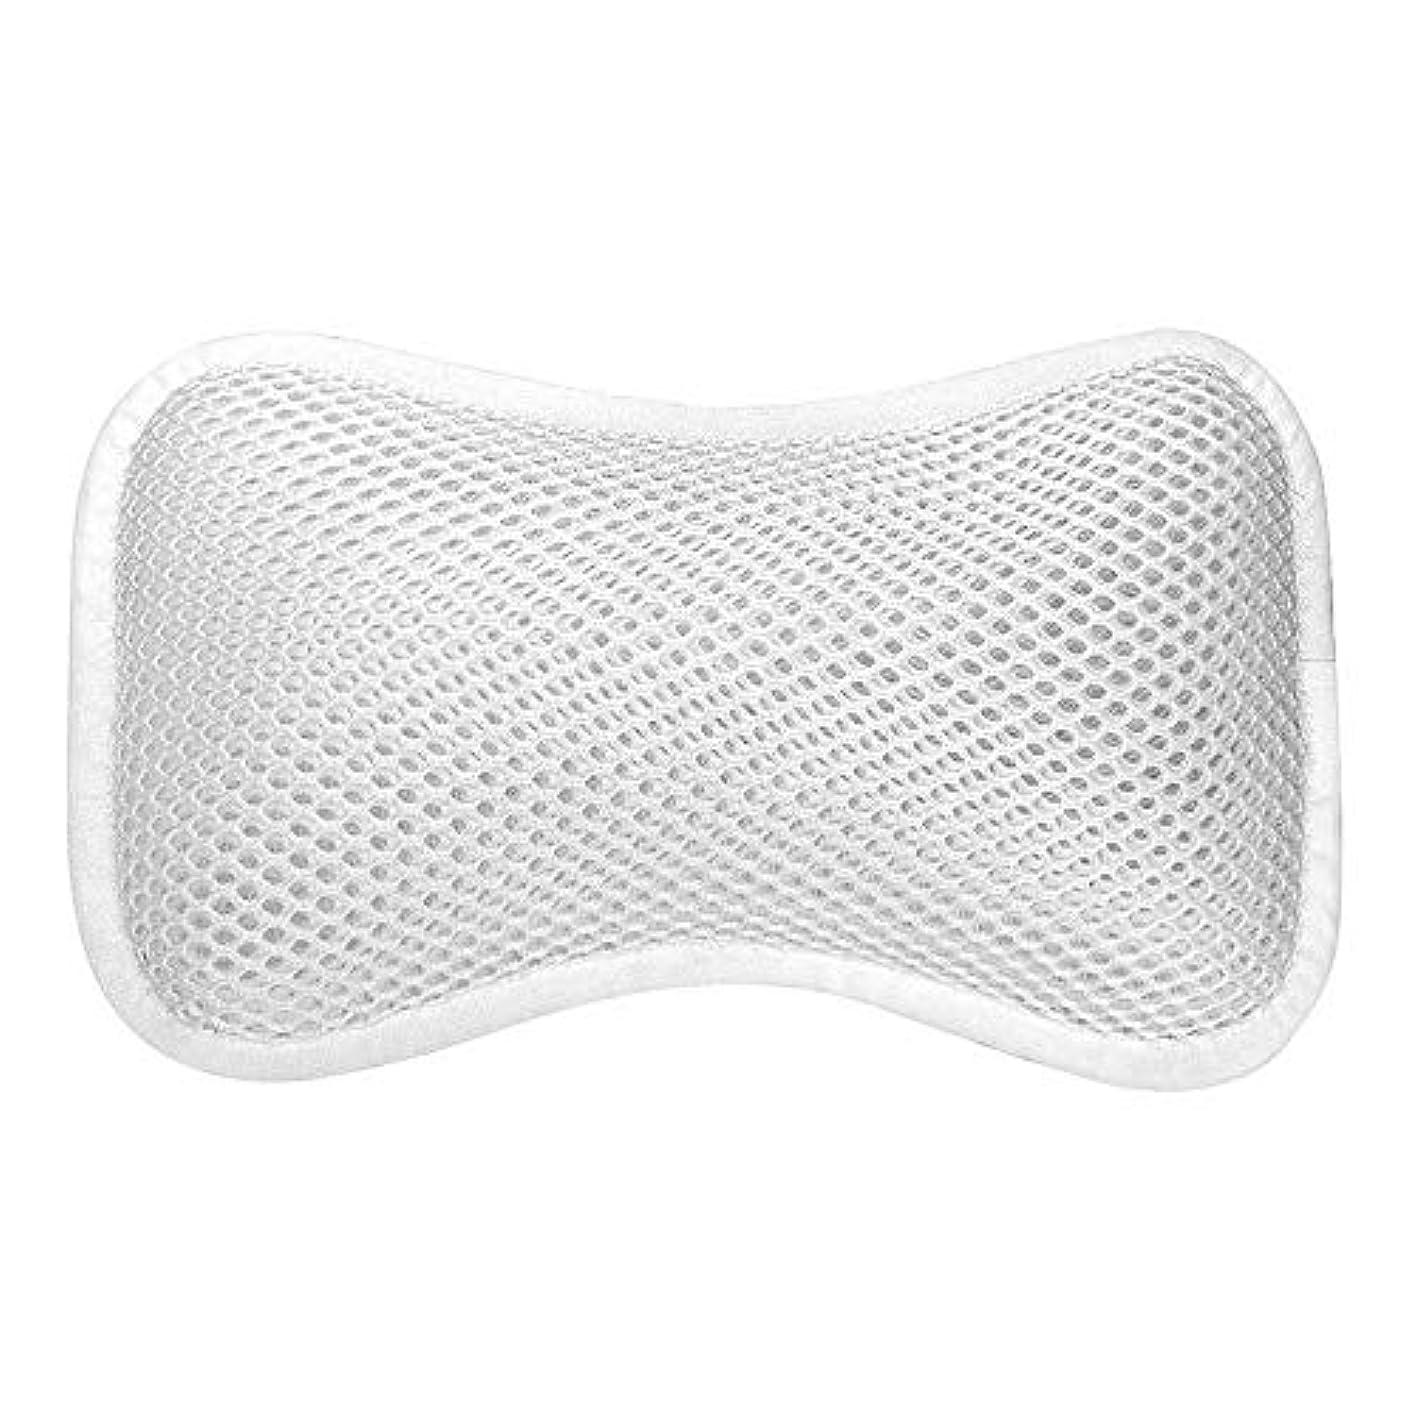 ブレース麦芽机3D網の骨の定形バスタブの枕、吸盤が付いている人間工学的の設計滑り止??めの浴槽の枕